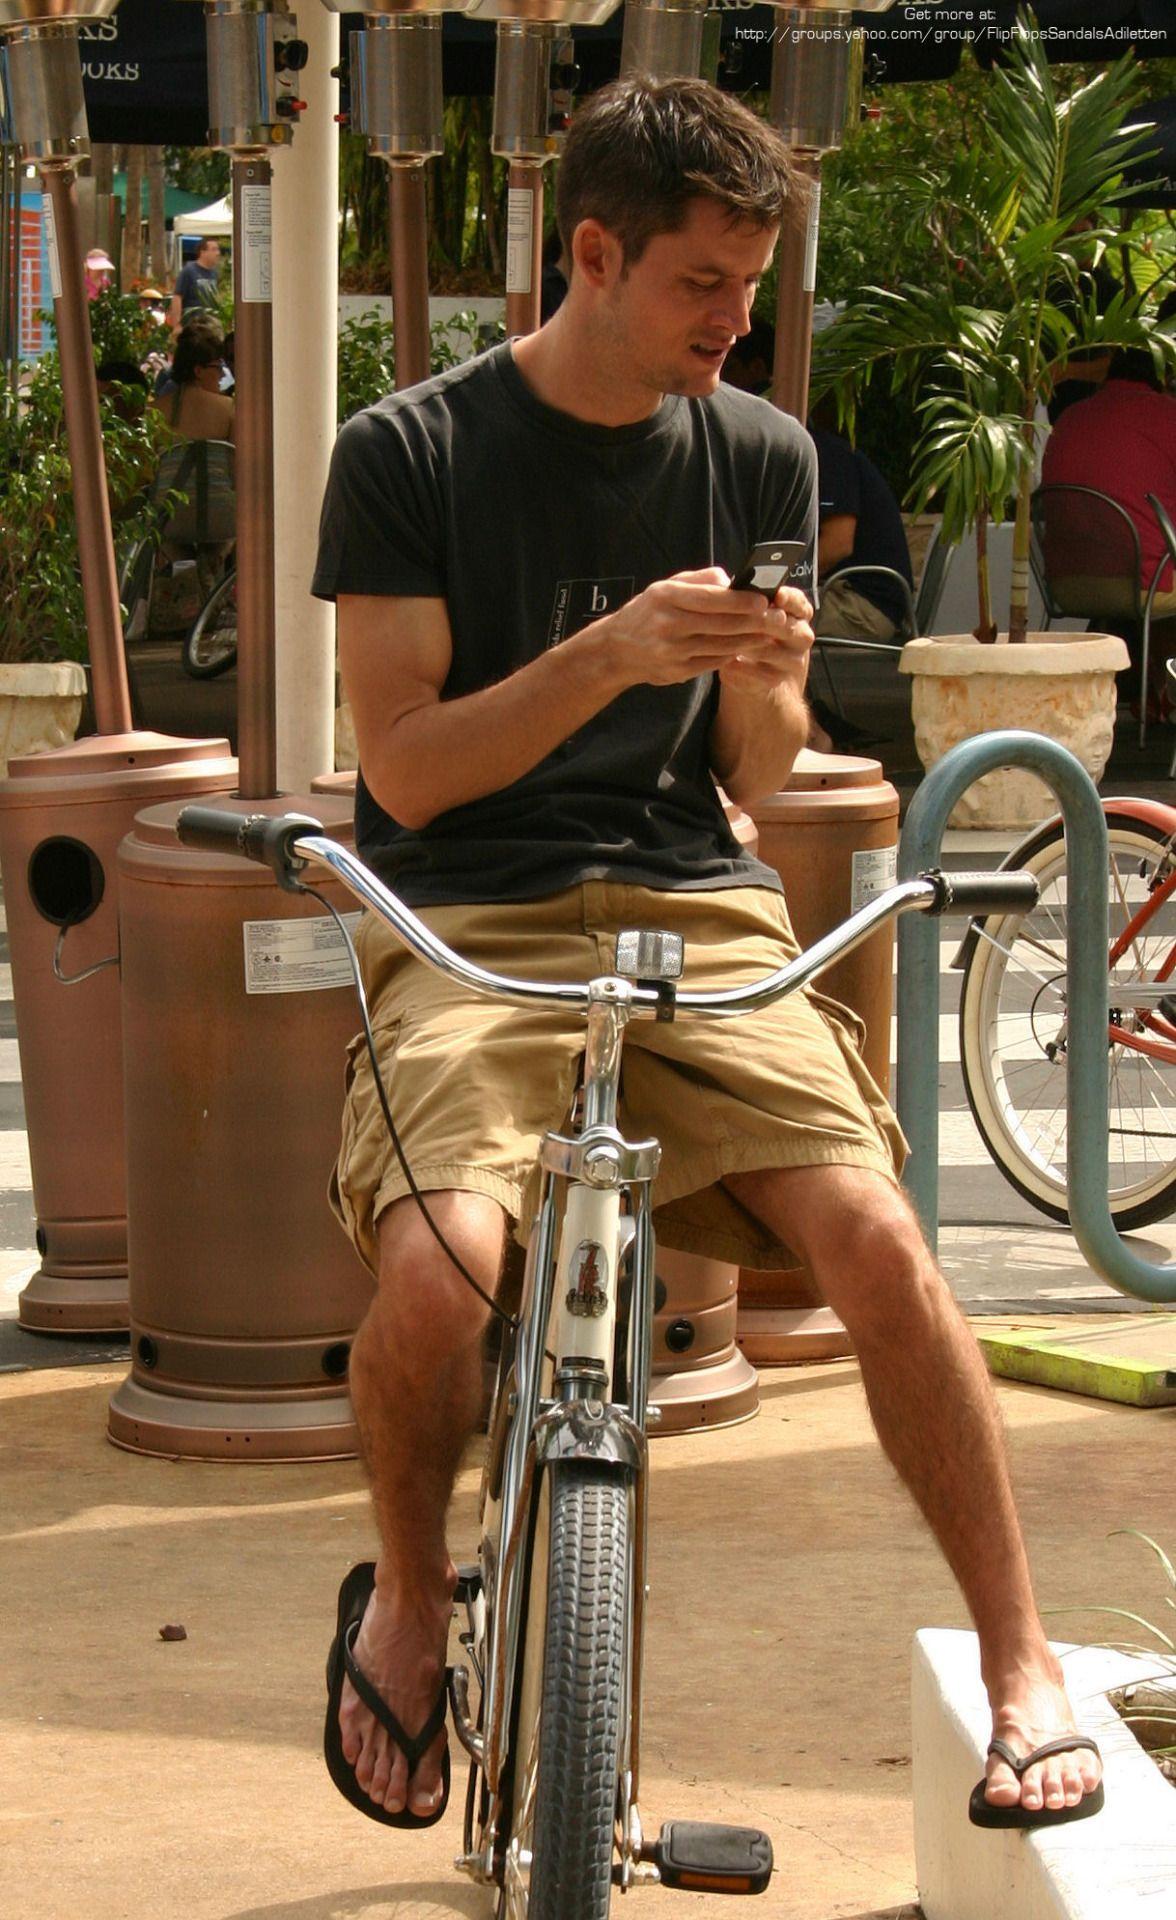 Walking bike Outfit (sandalsflip flop) FOR MEN Pinterest